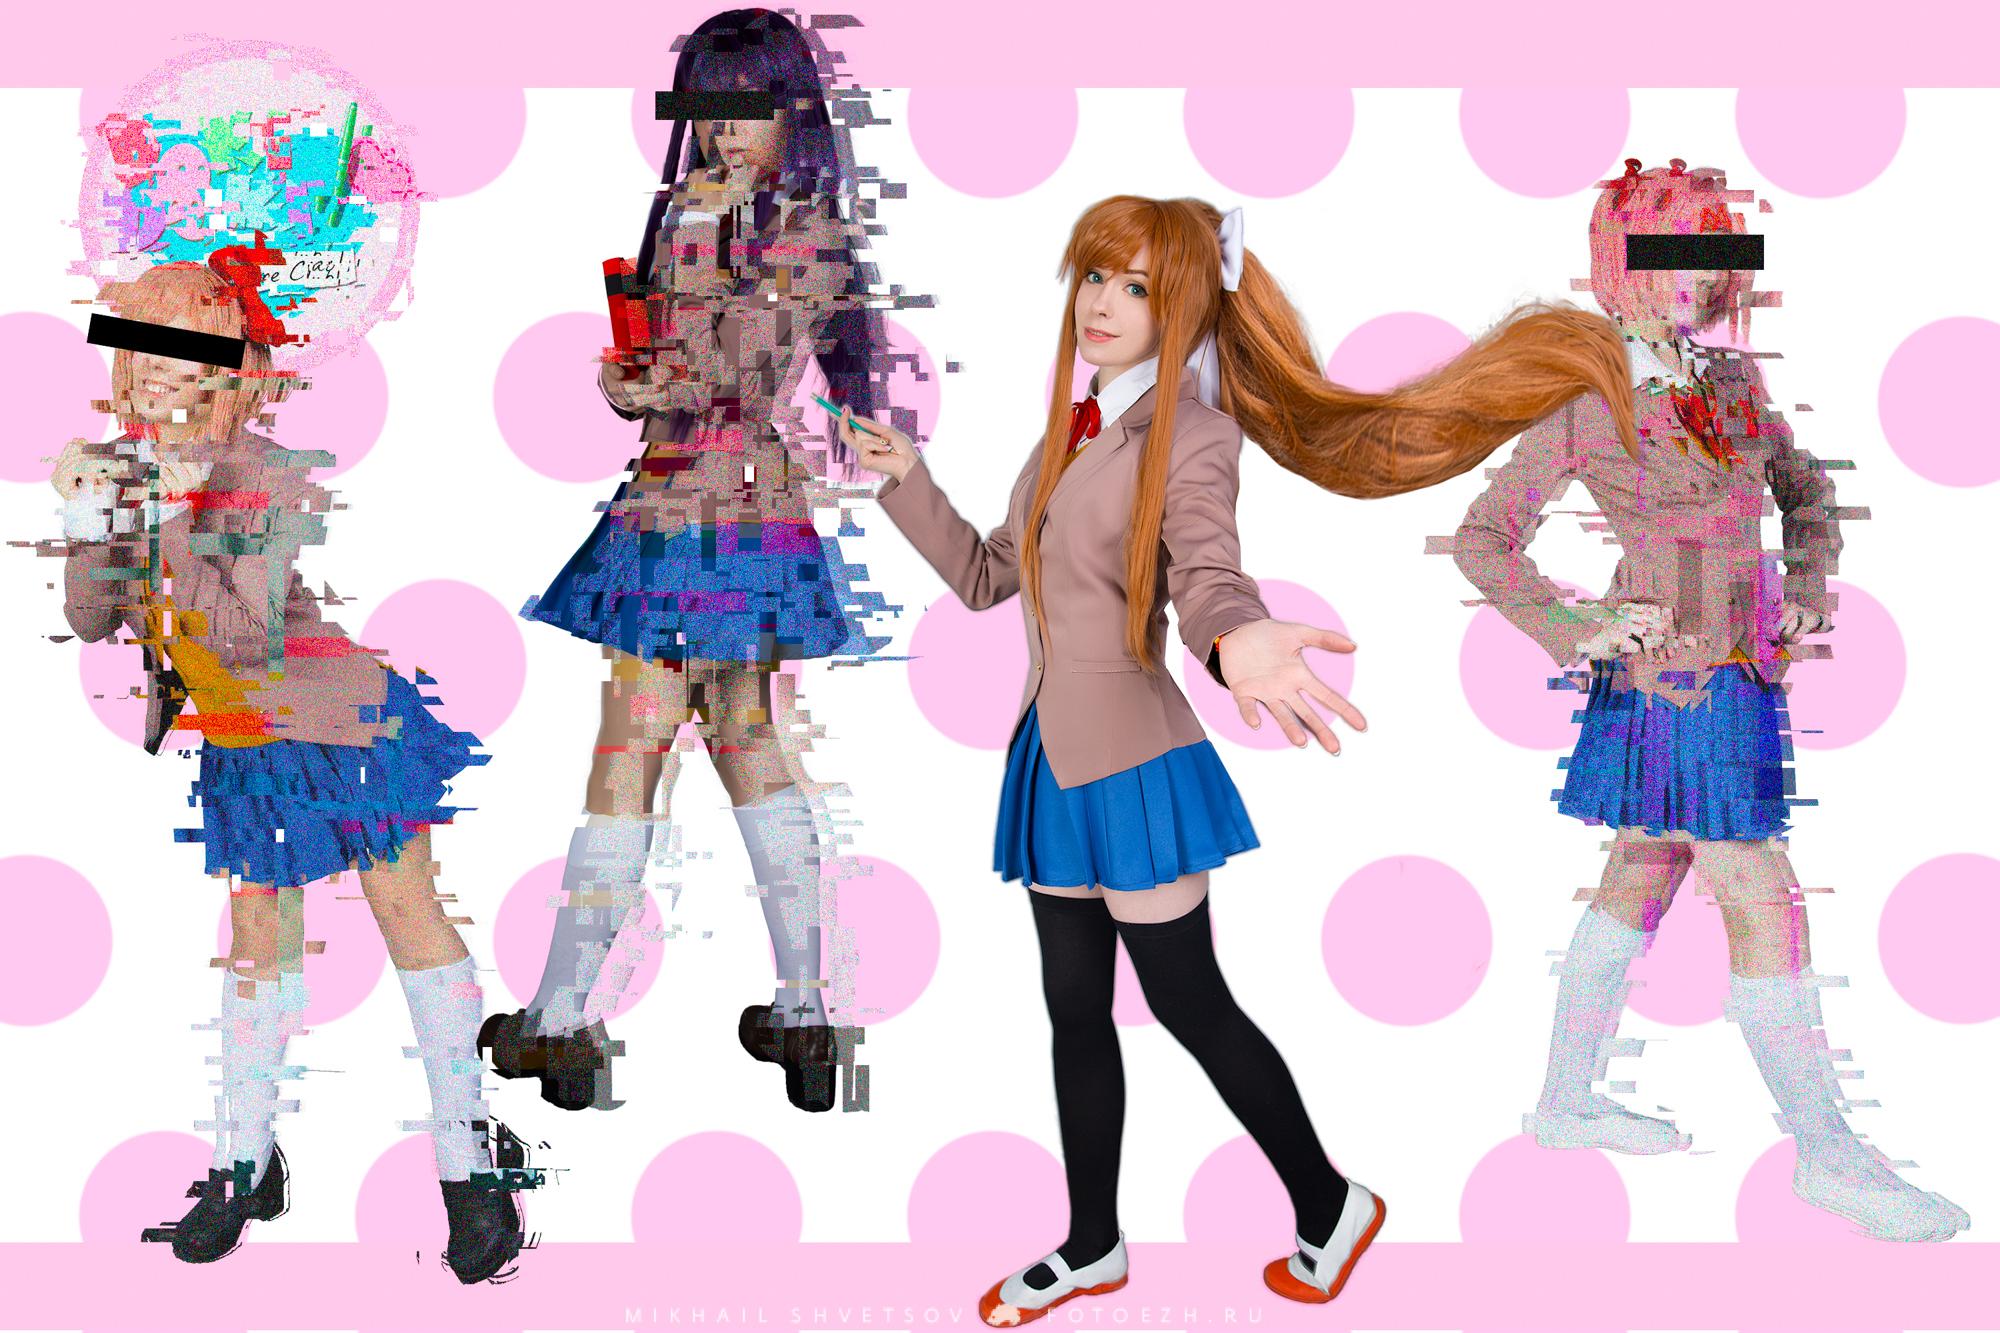 Yuri doki doki cosplay interesting. Tell